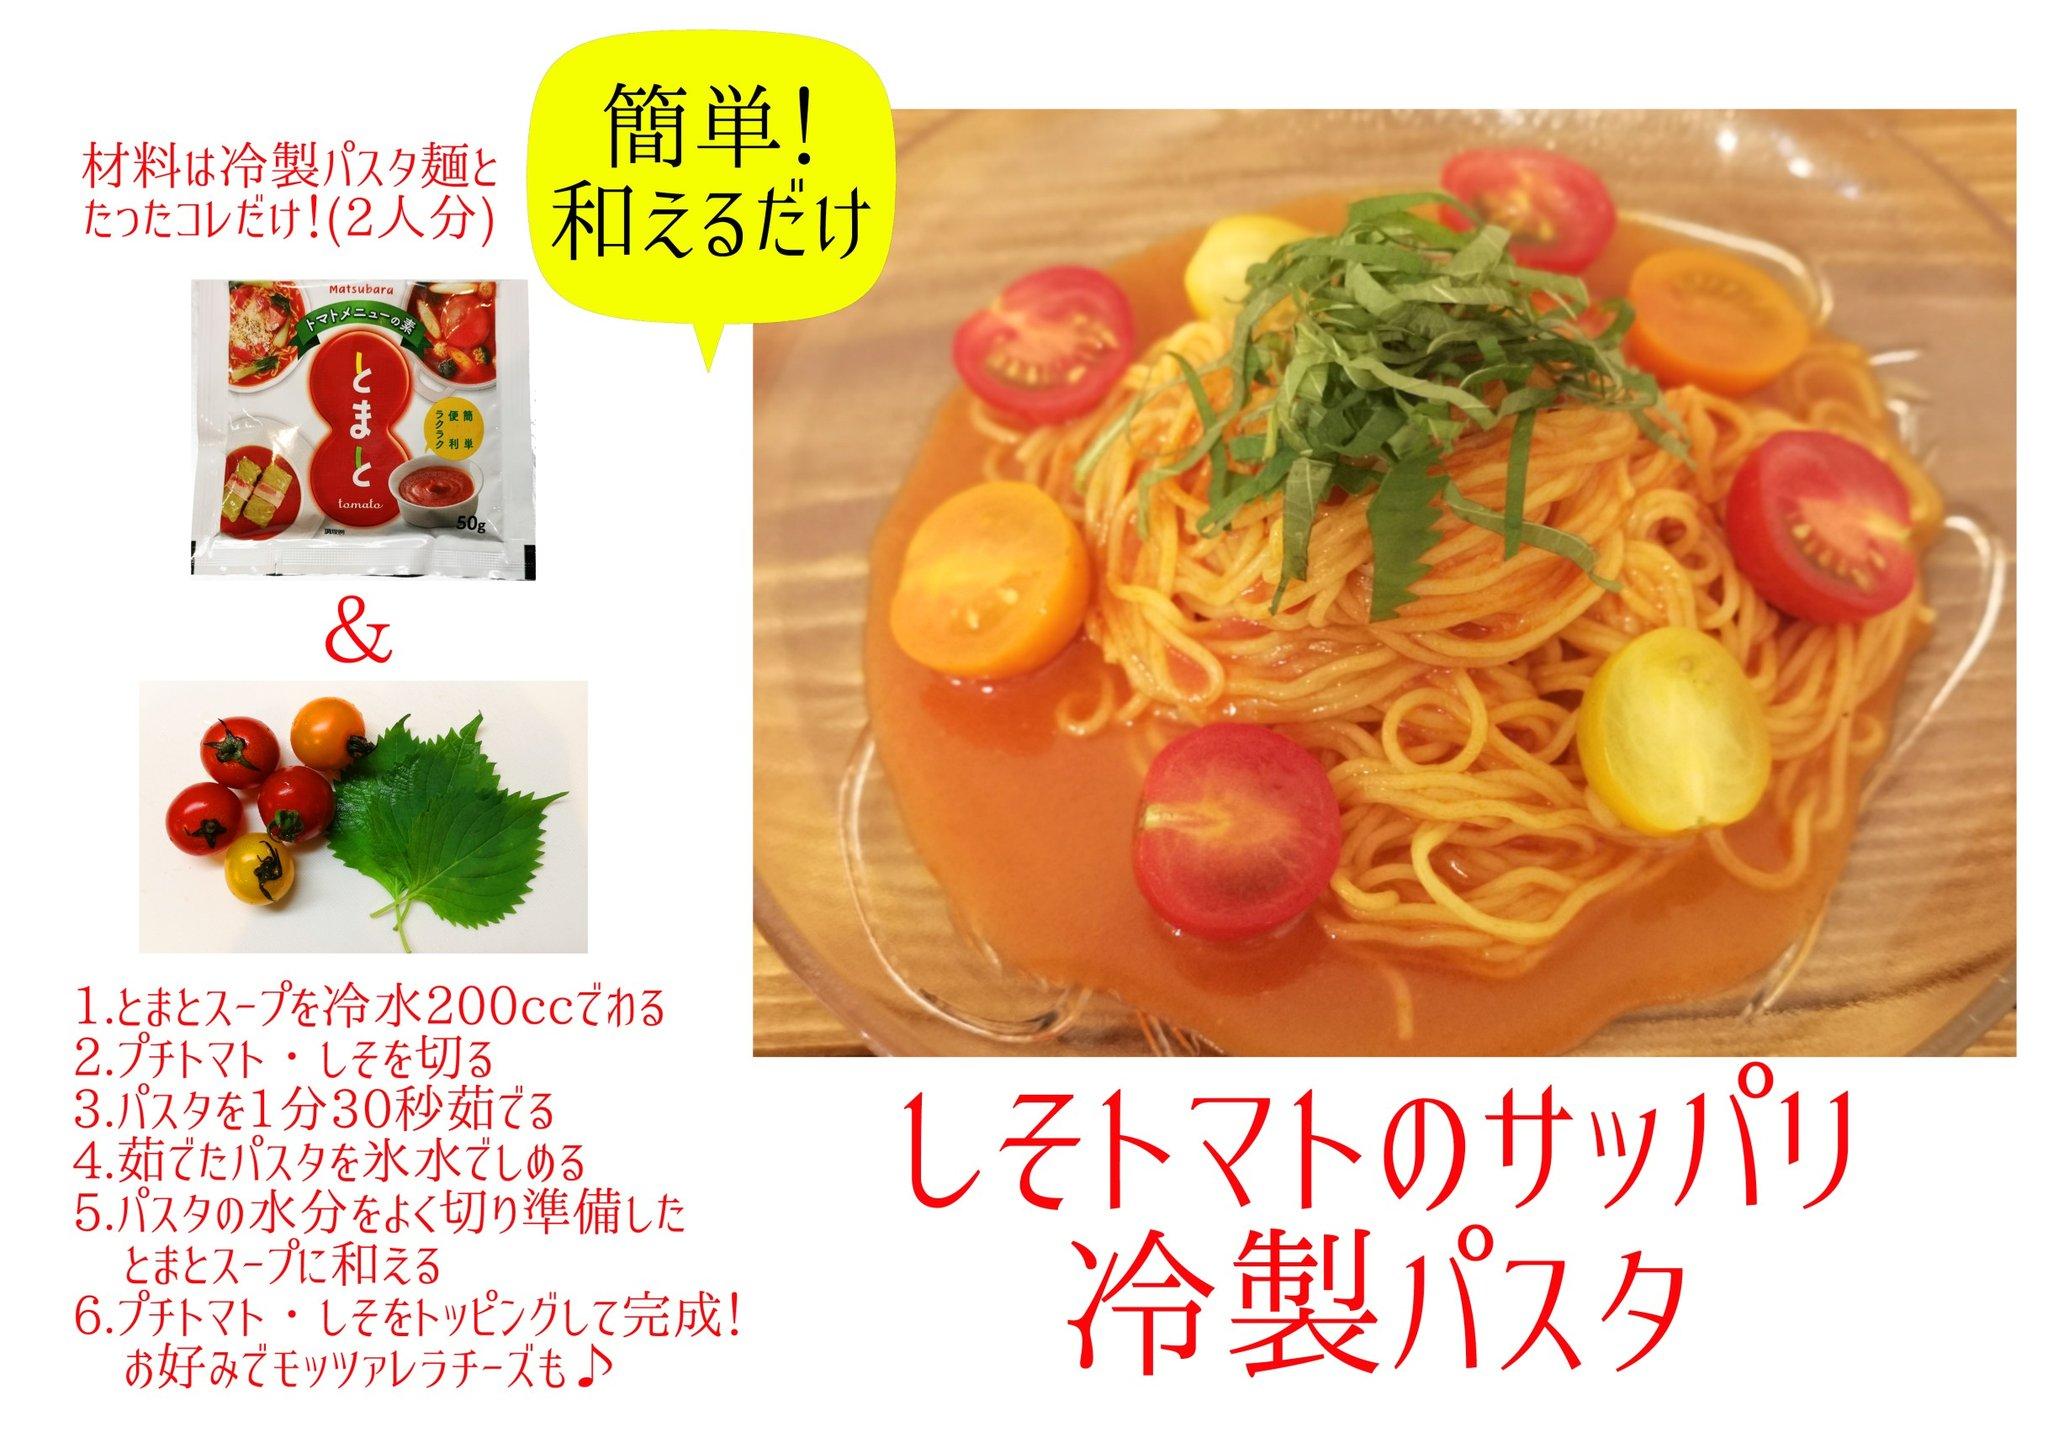 冷製パスタレシピと調理例